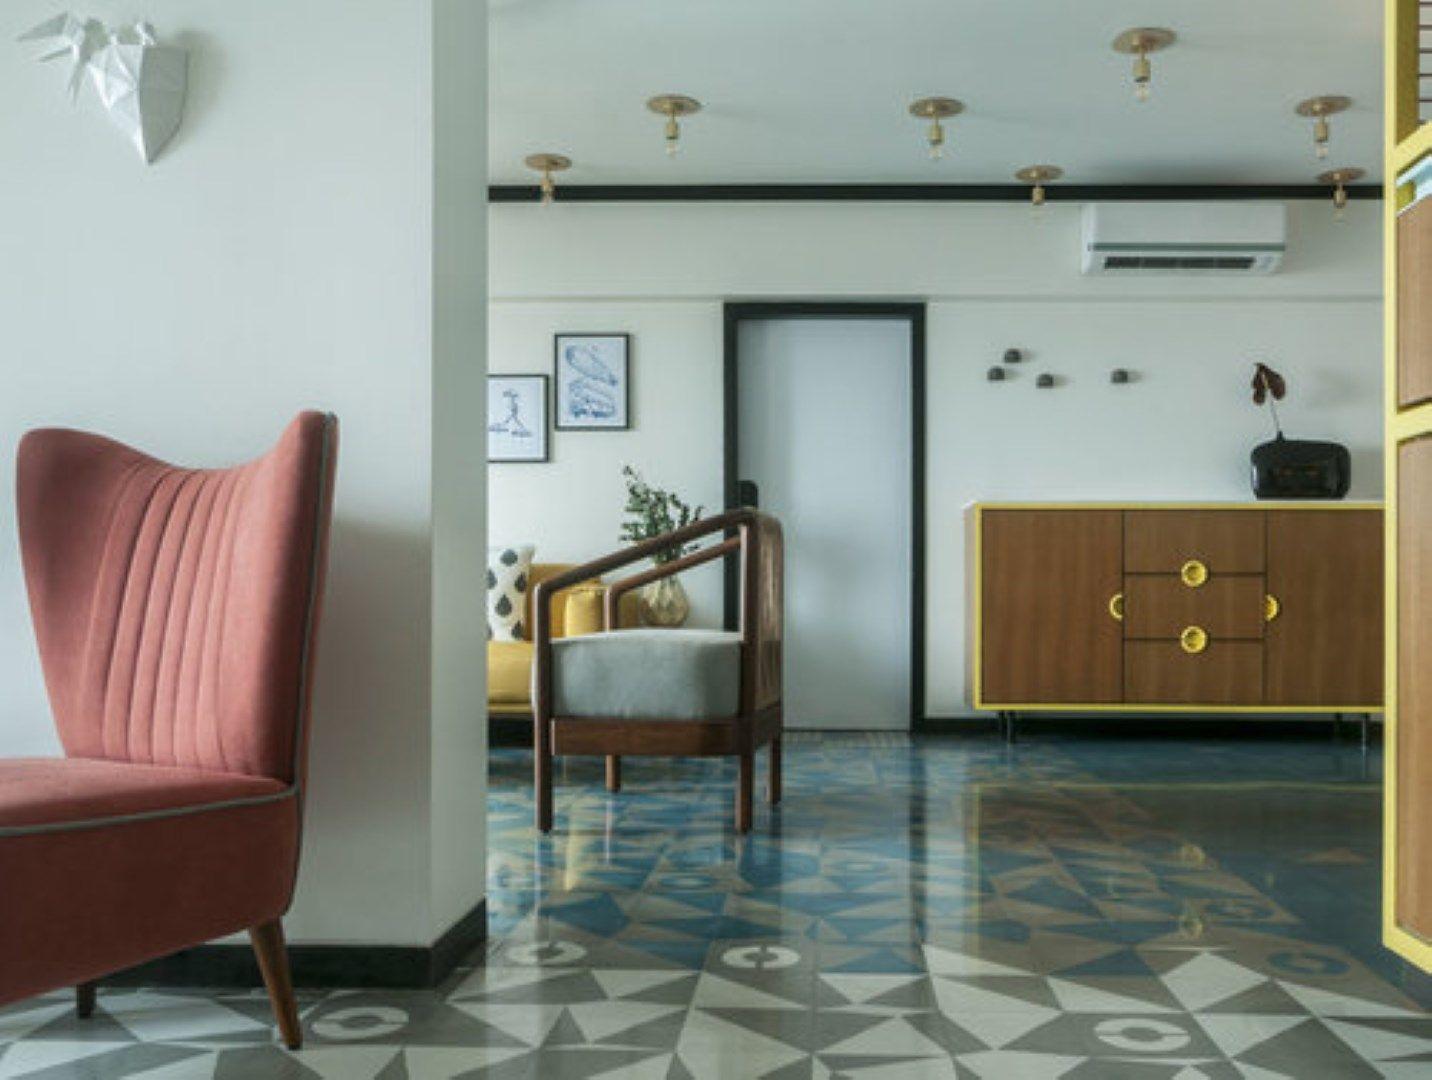 Modern Art Deco Apartment Interiors Apartment interior